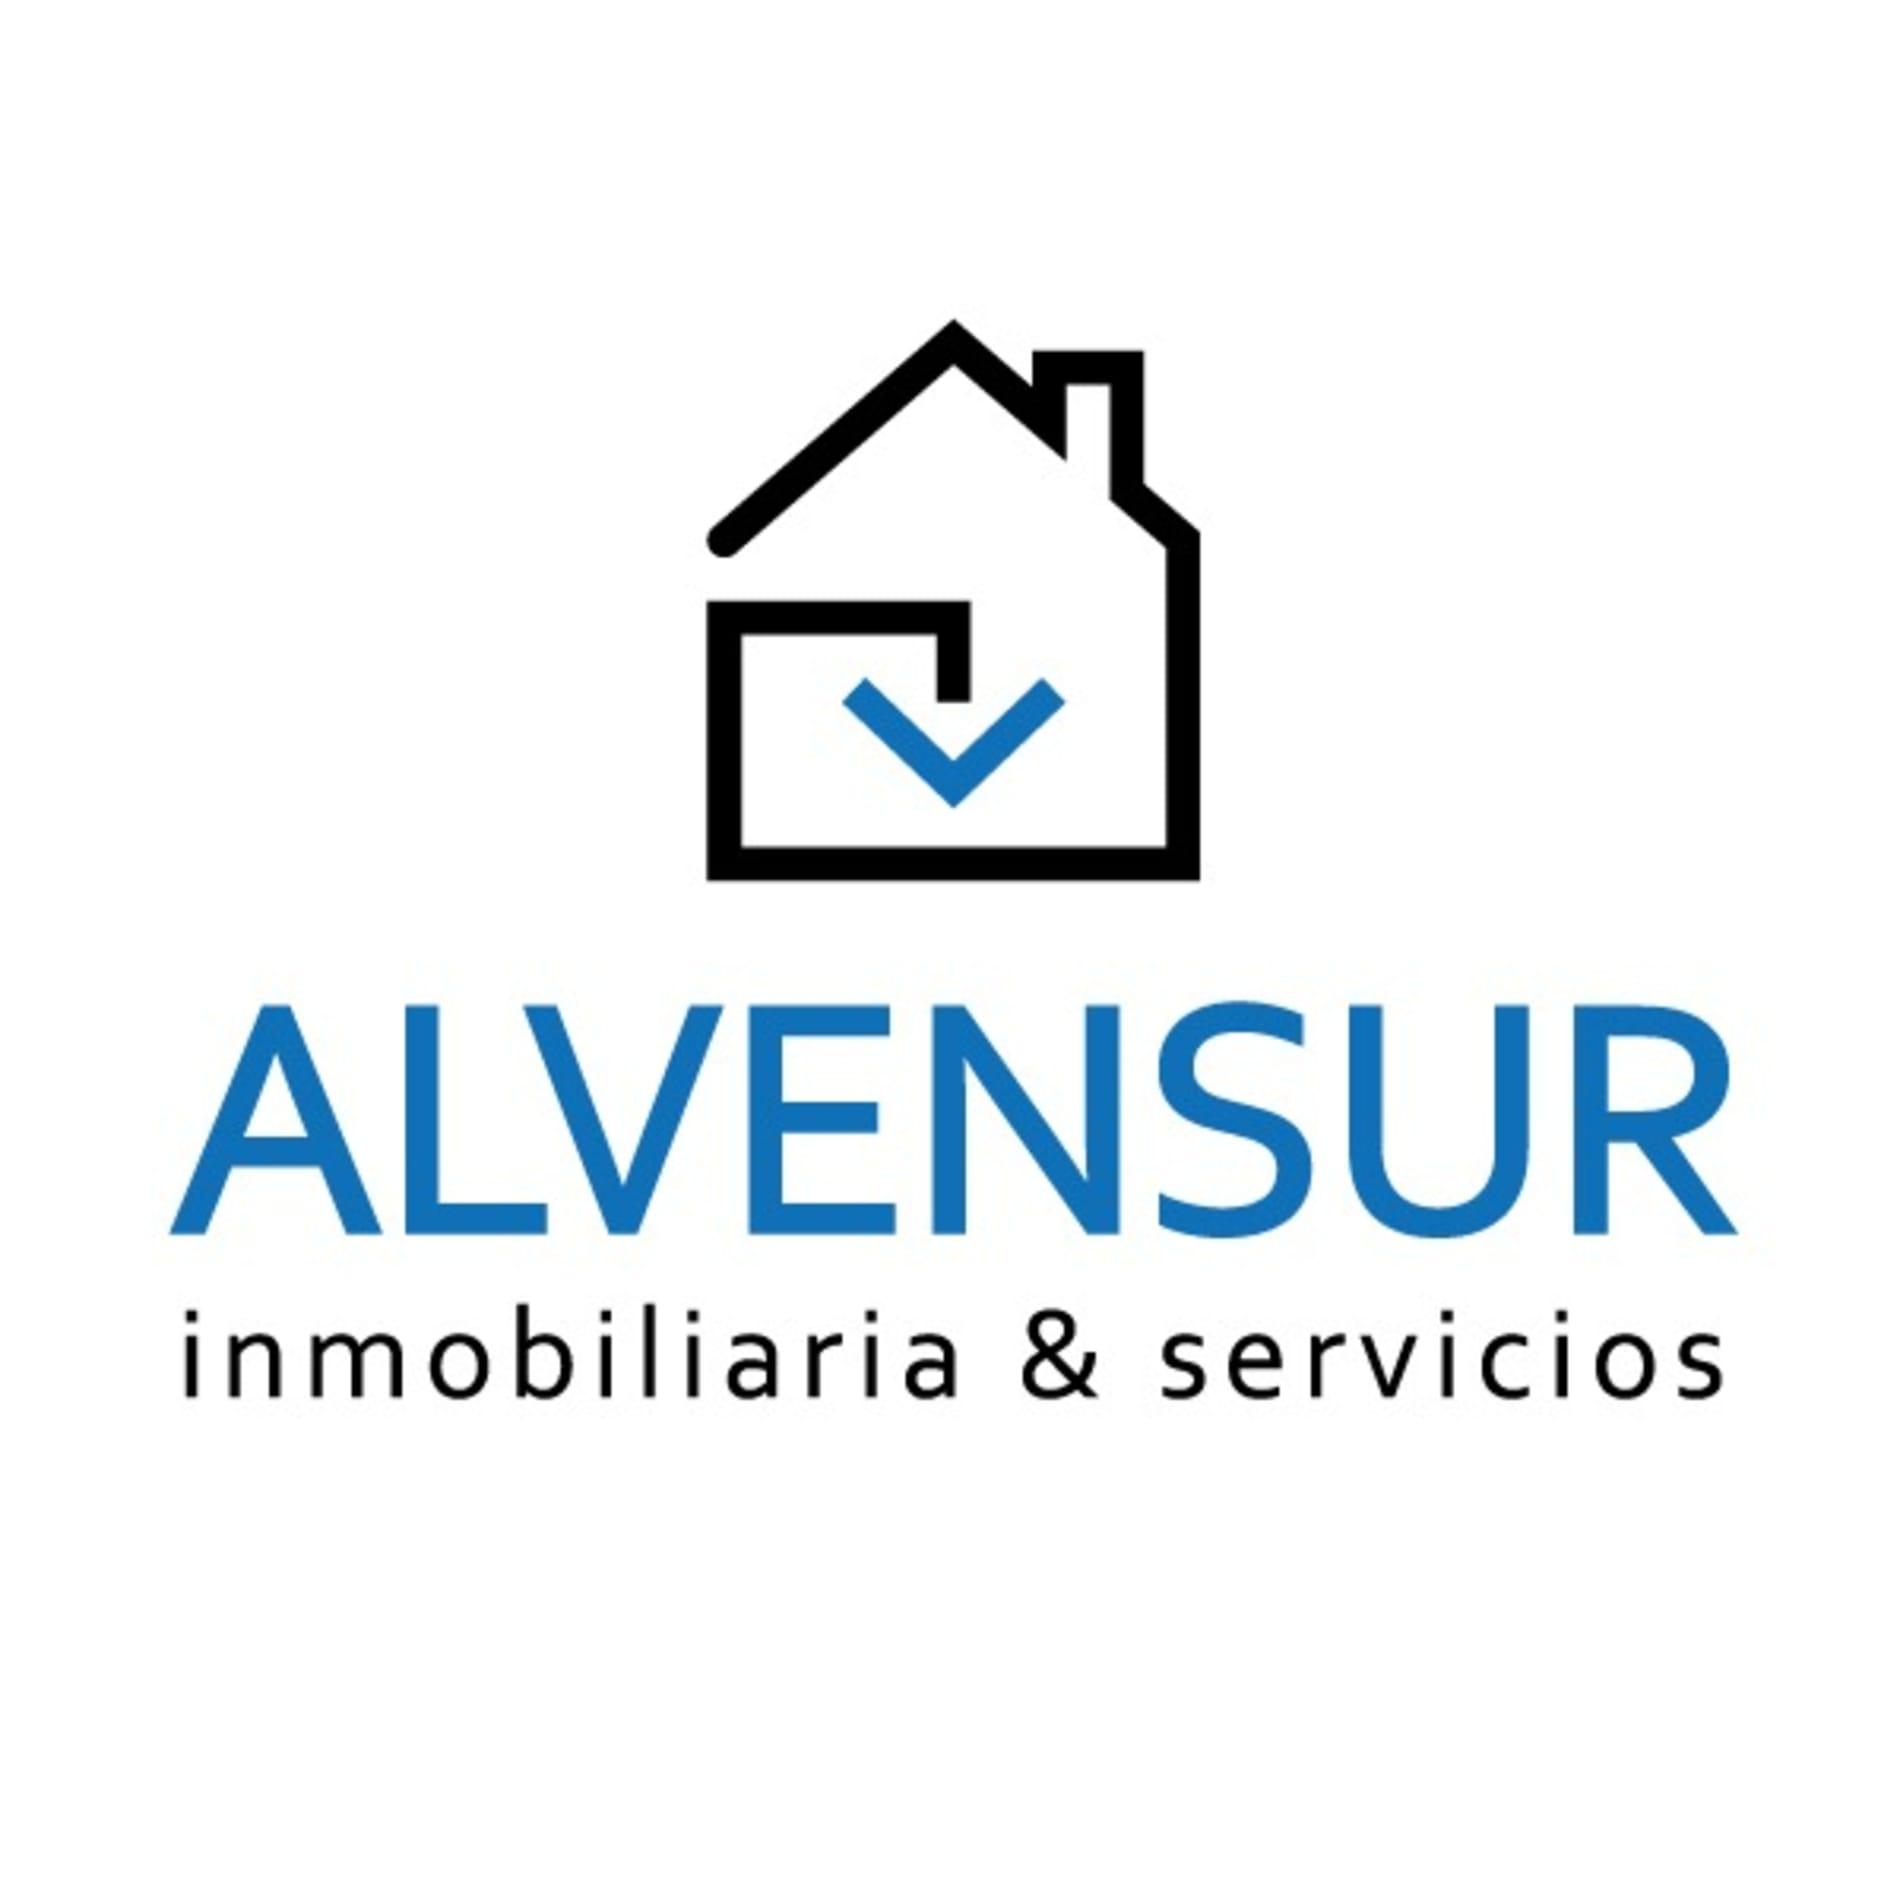 Alvensur - Inmobiliaria & Servicios